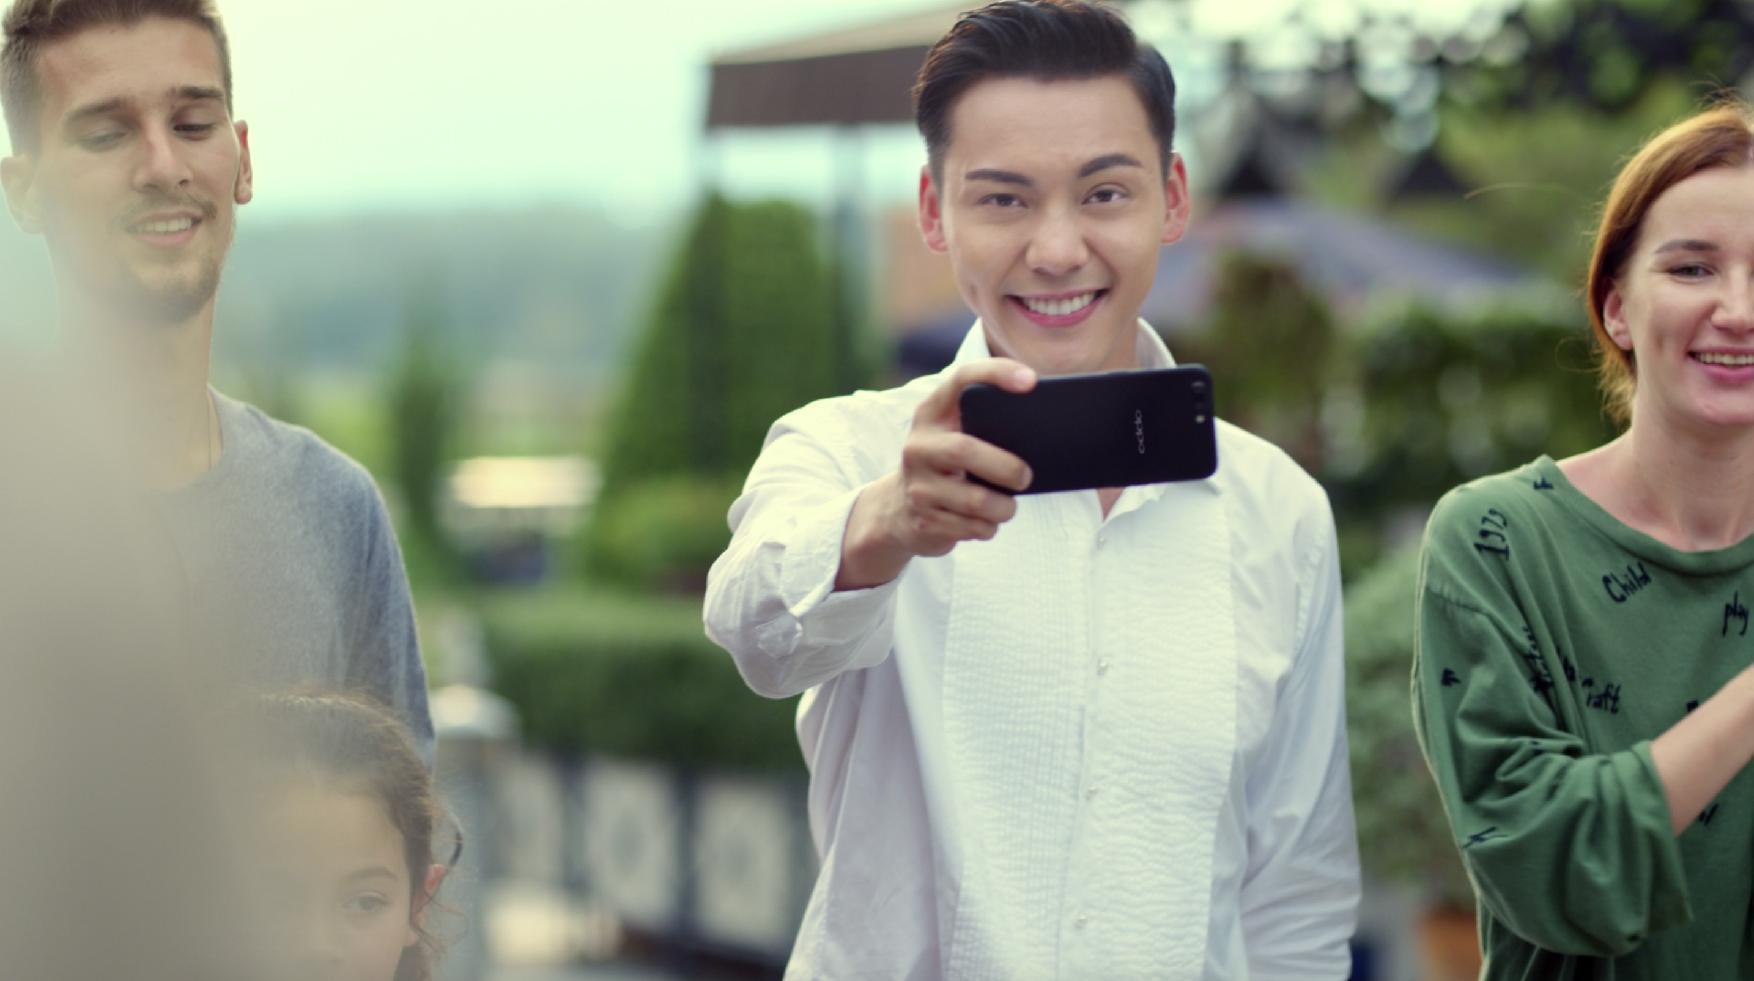 迪丽热巴陈伟霆手持oppor11引领手机拍照潮流!